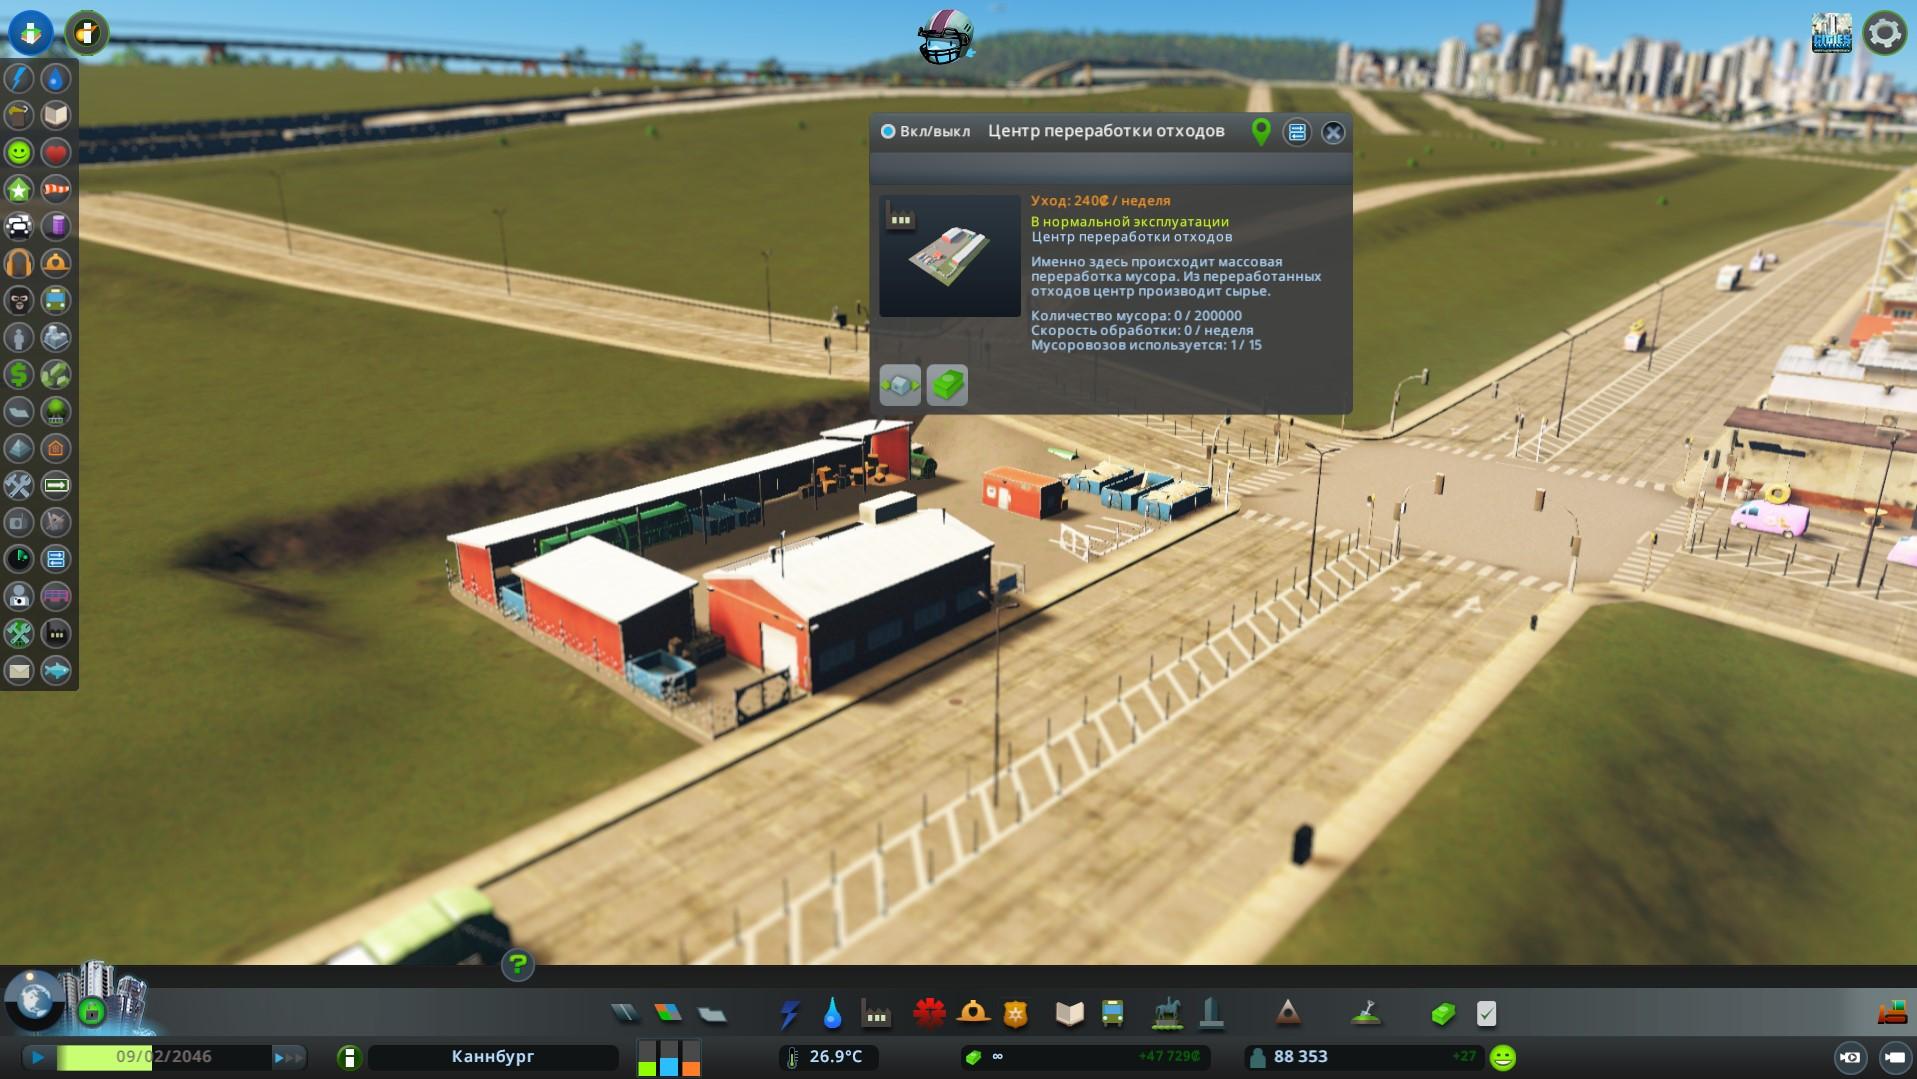 Центр переработки отходов cities skylines